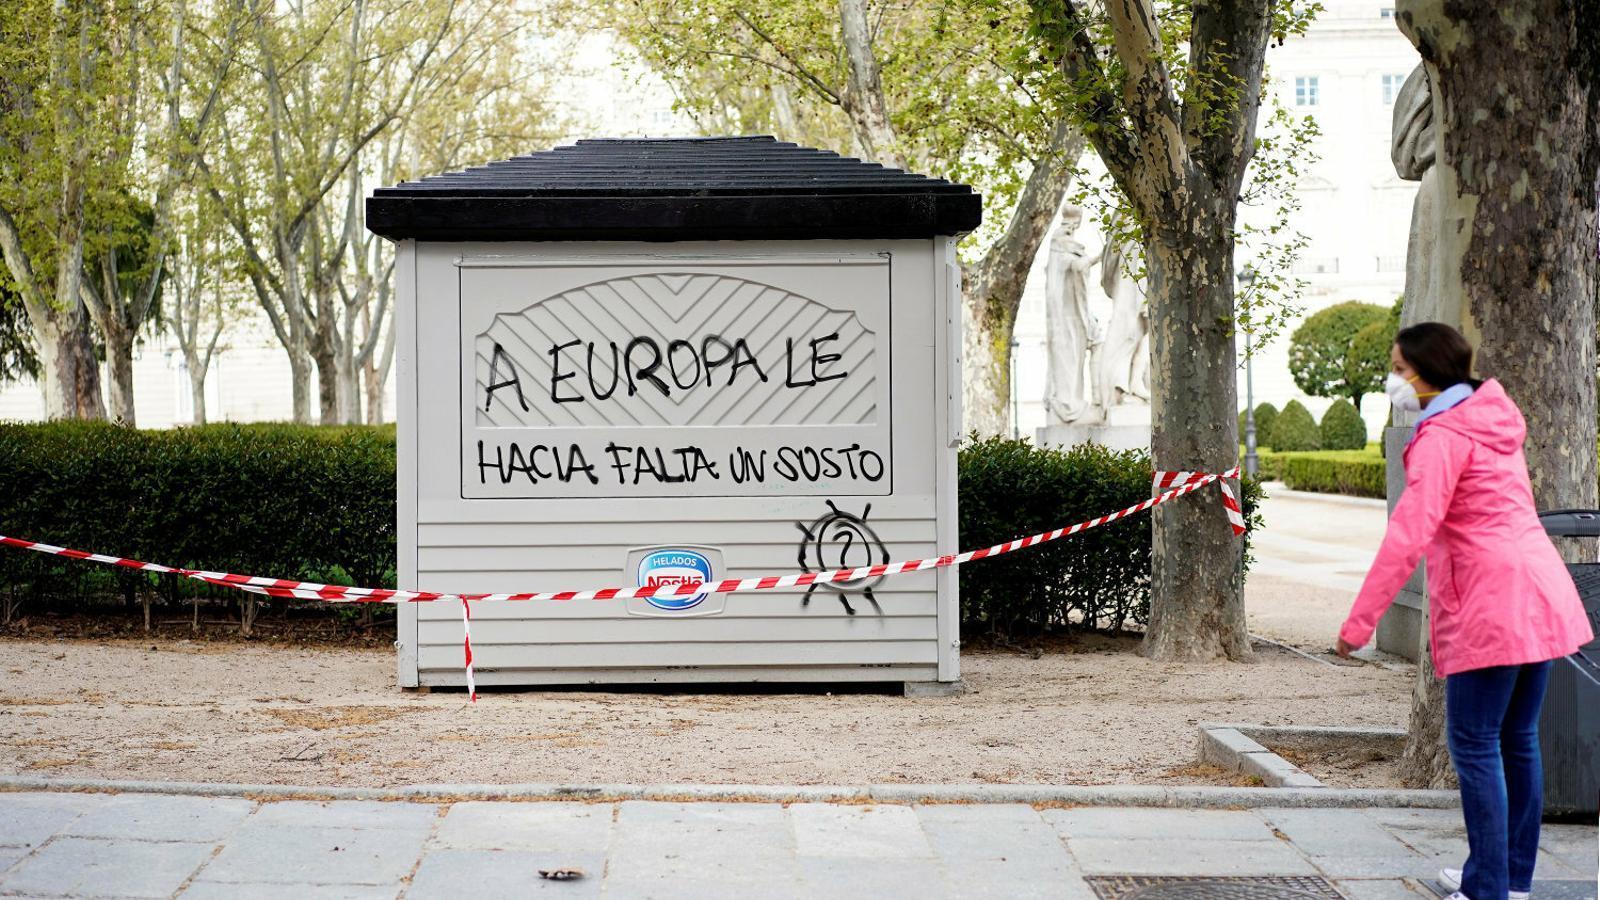 Una dona amb una màscara protectora davant un quiosc tancat en una plaça de Madrid. Els ministres de Finances de l'eurozona es reuneixen avui per intentar aprovar el primer escut econòmic davant la crisi del coronavirus.